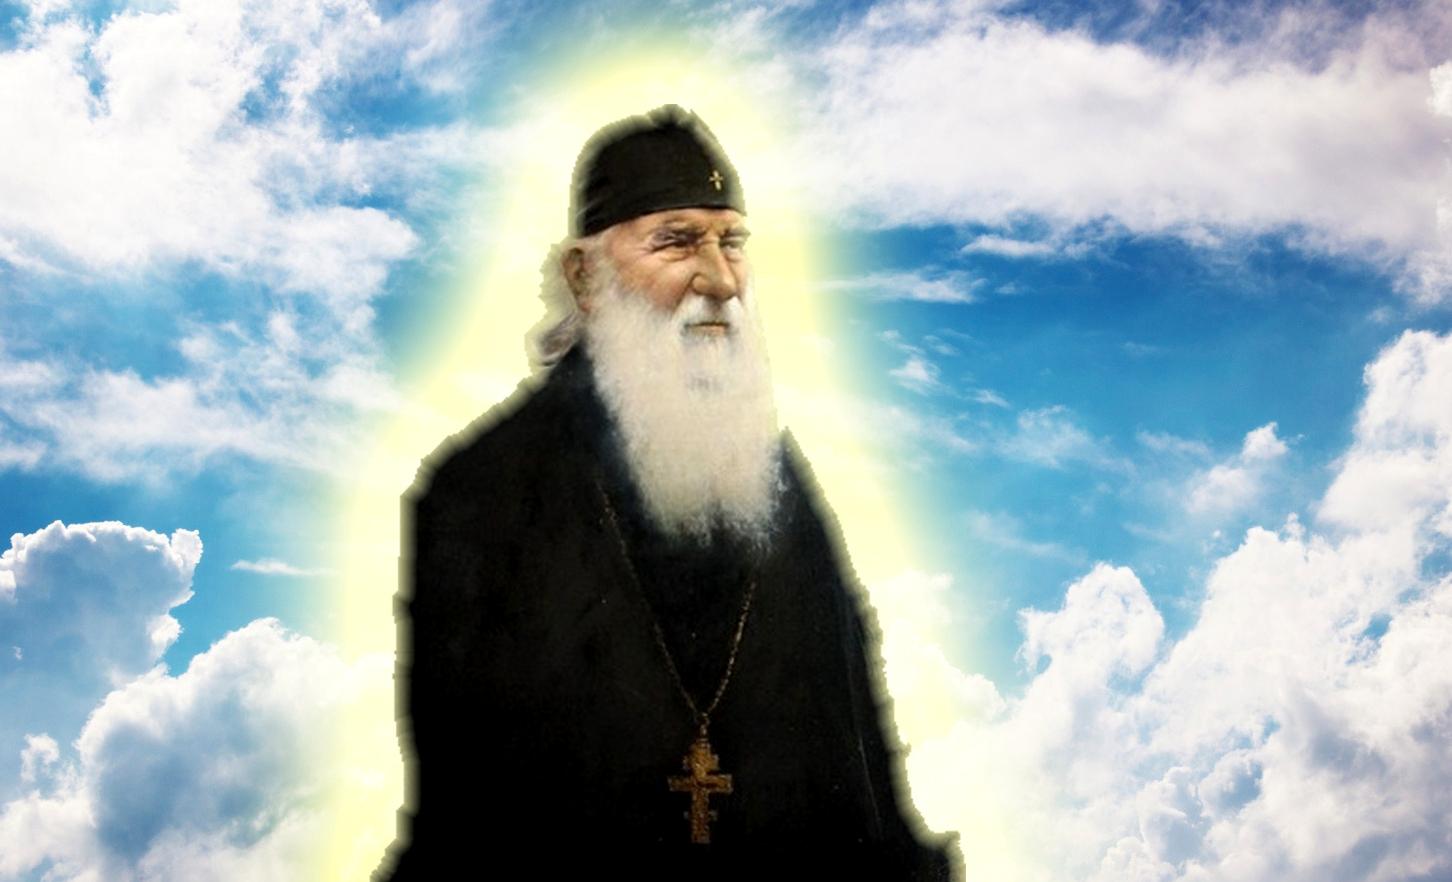 Ἅγιος Ἰωάννης ὁ Πρόδρομος: Ἐνῶ ὁ Ἅγιος Ἰουστῖνος Πόποβιτς μᾶς λέει γιά τούς  «καλούς» πού λένε ὅμως ὅτι δέν πιστεύουν: